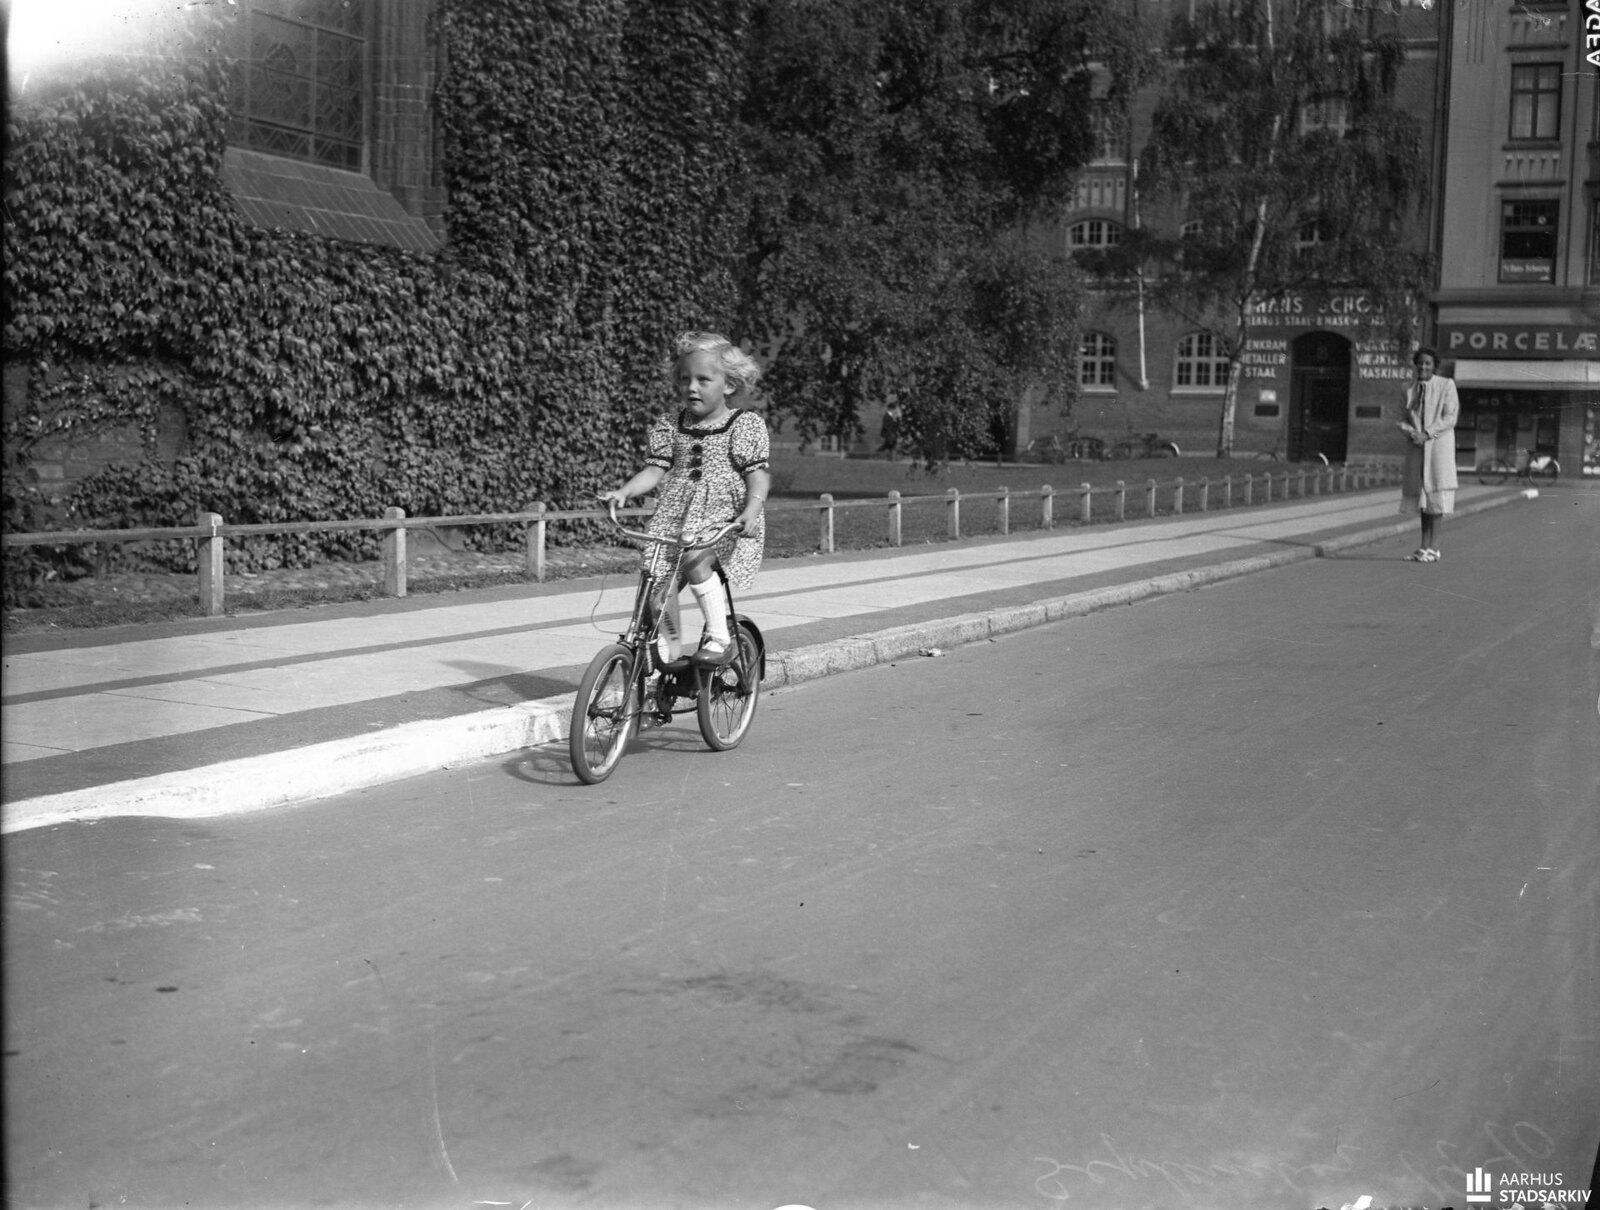 1940. Берта Зачо в четыре года на велосипеде. Бирте проехала на велосипеде 20 км за один день